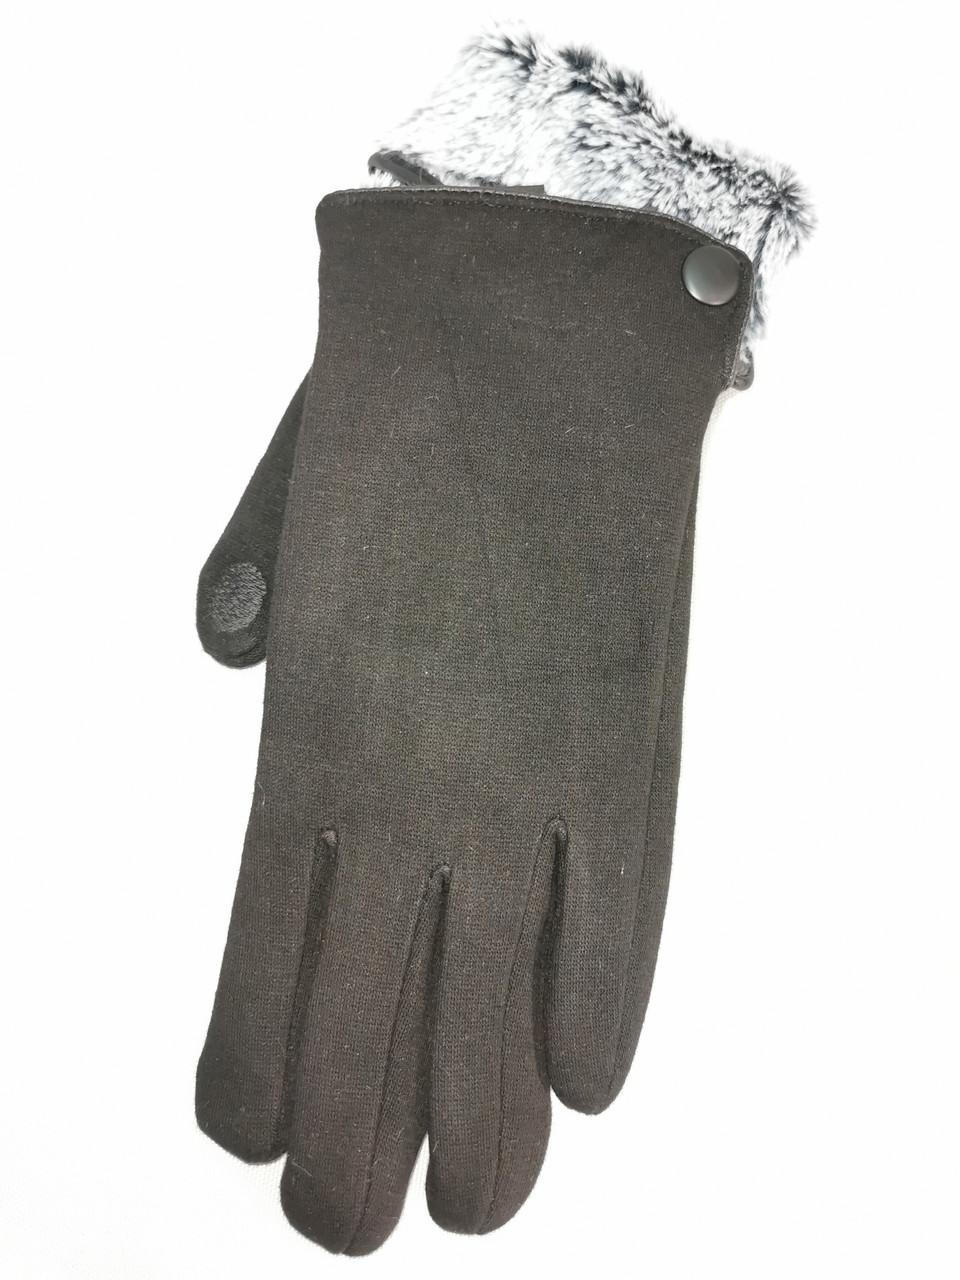 Сенсорны трикотаж з кролик Angel рукавички чоловічі тільки оптом